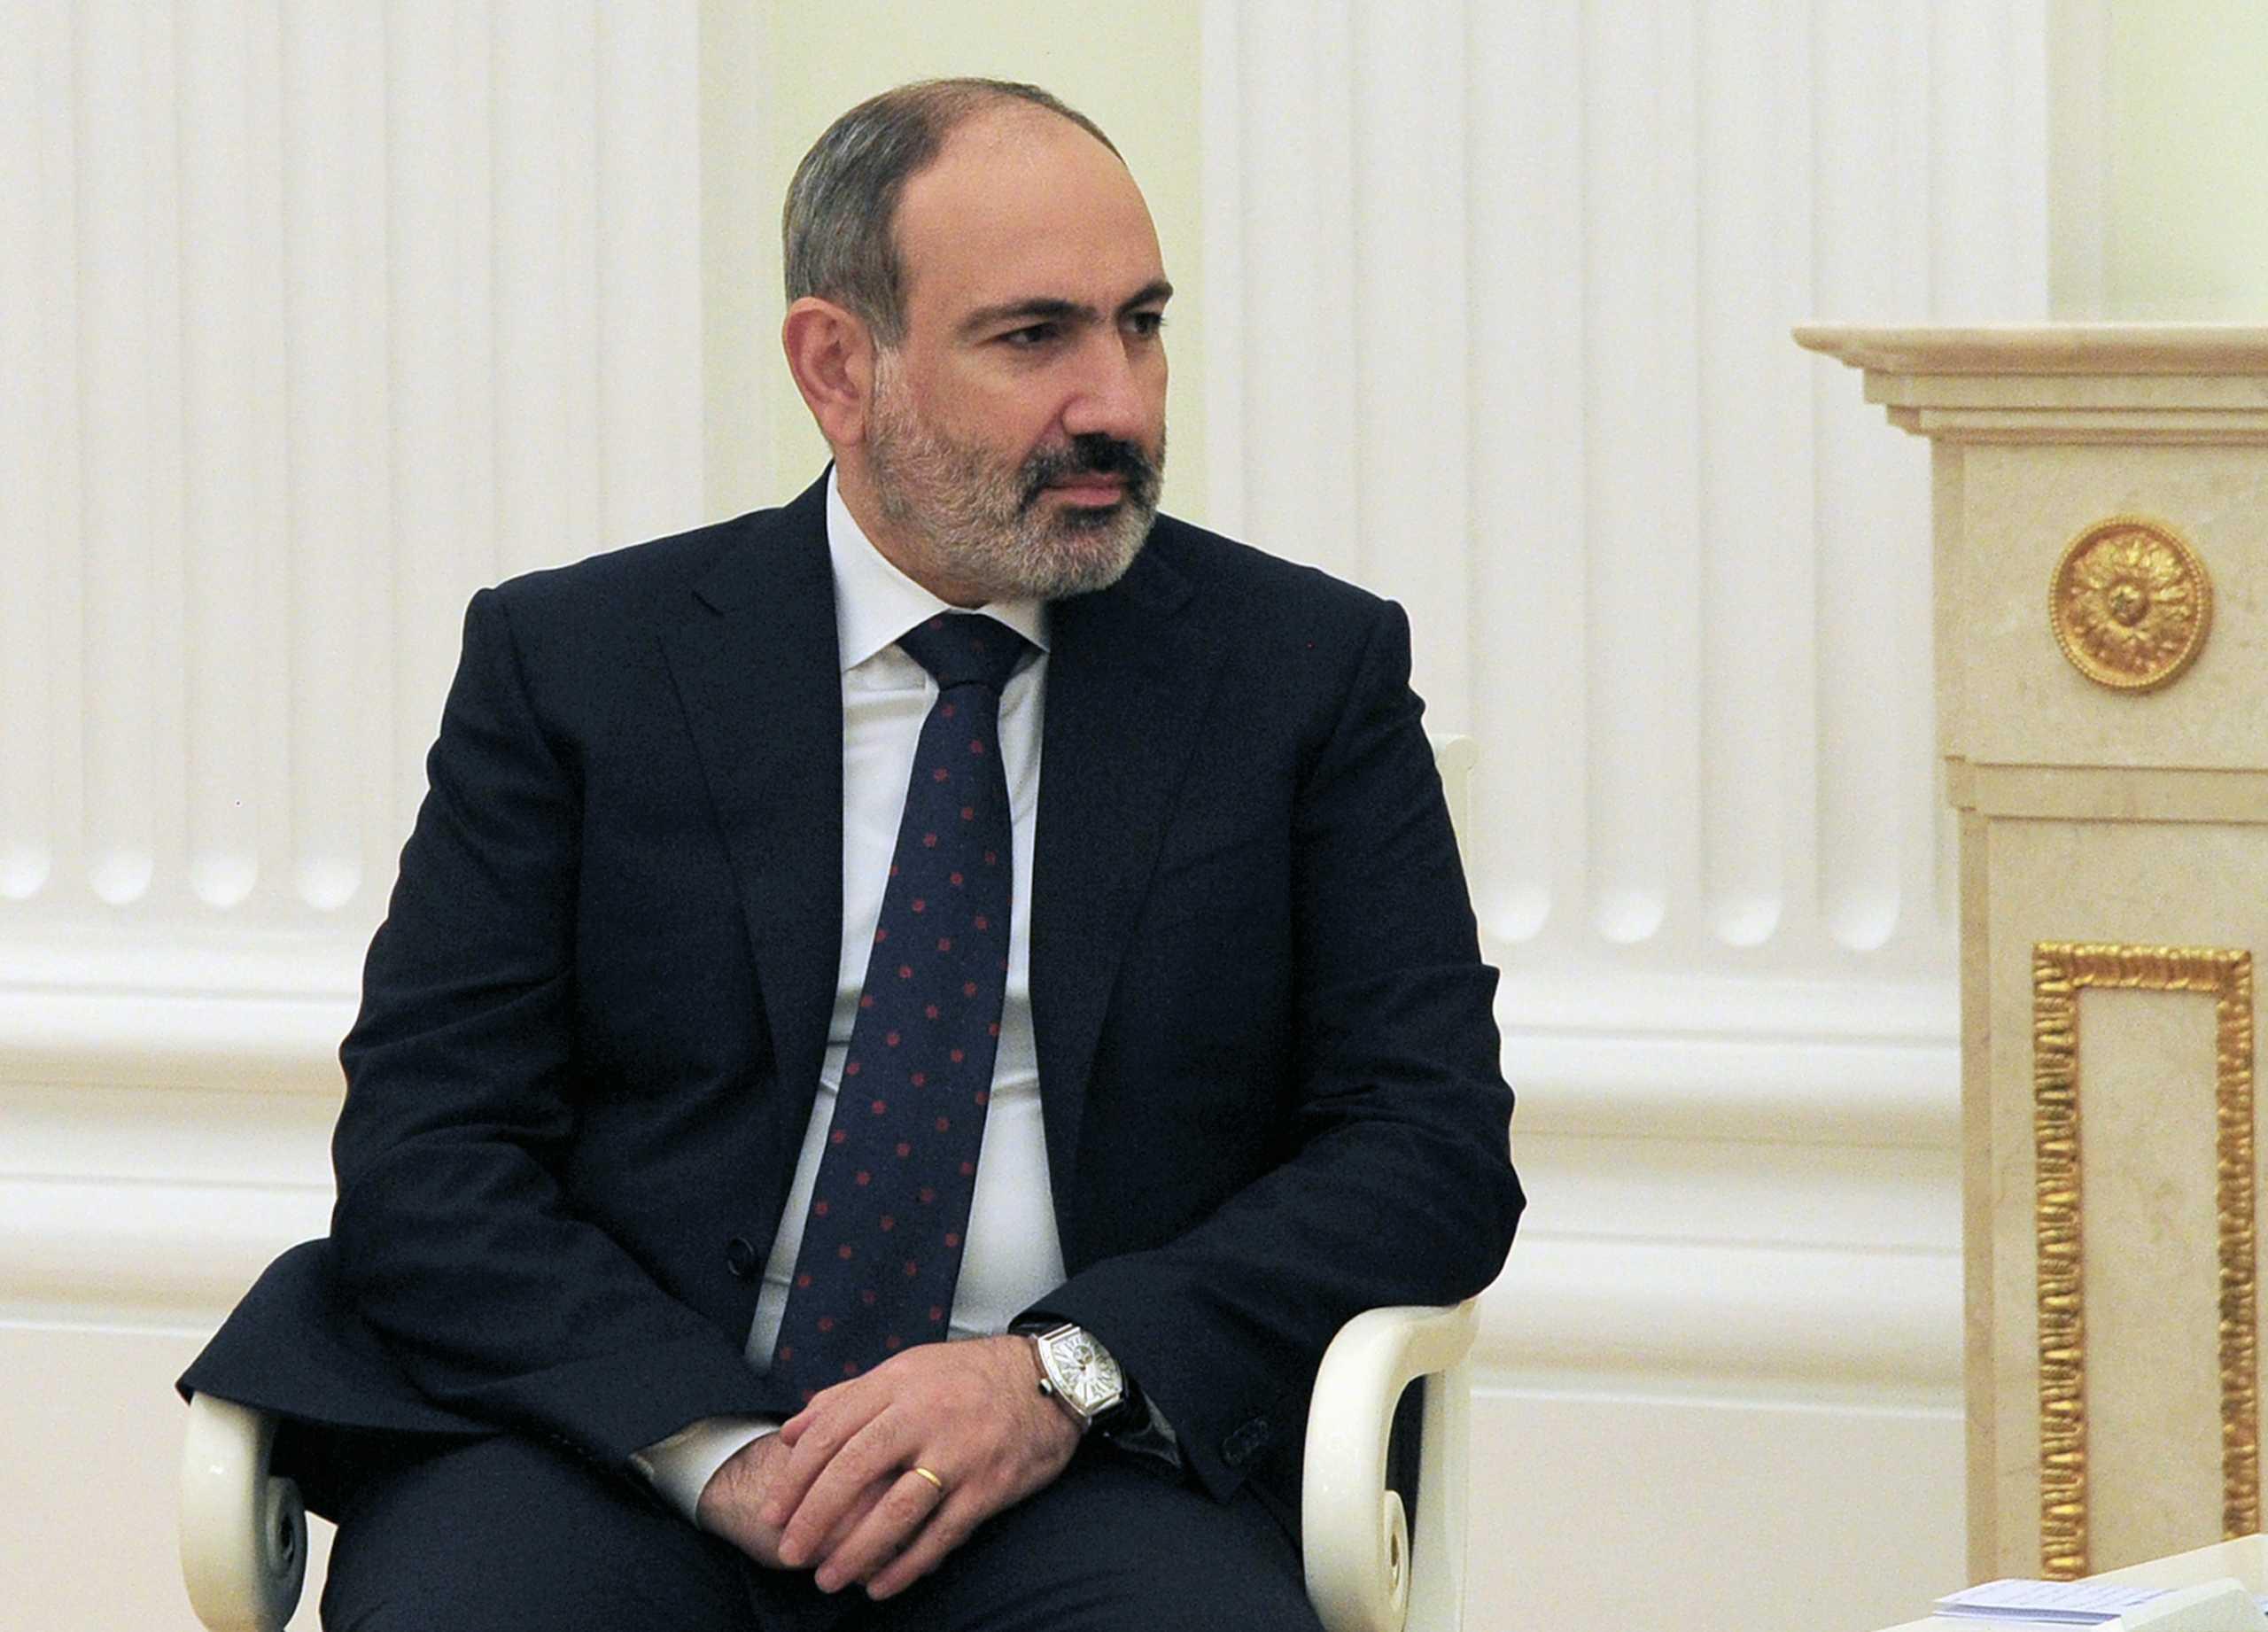 Γενοκτονία Αρμενίων: Η ανακοίνωση του πρωθυπουργού της χώρας – «Πολύ ισχυρό βήμα προς την ιστορική αλήθεια»